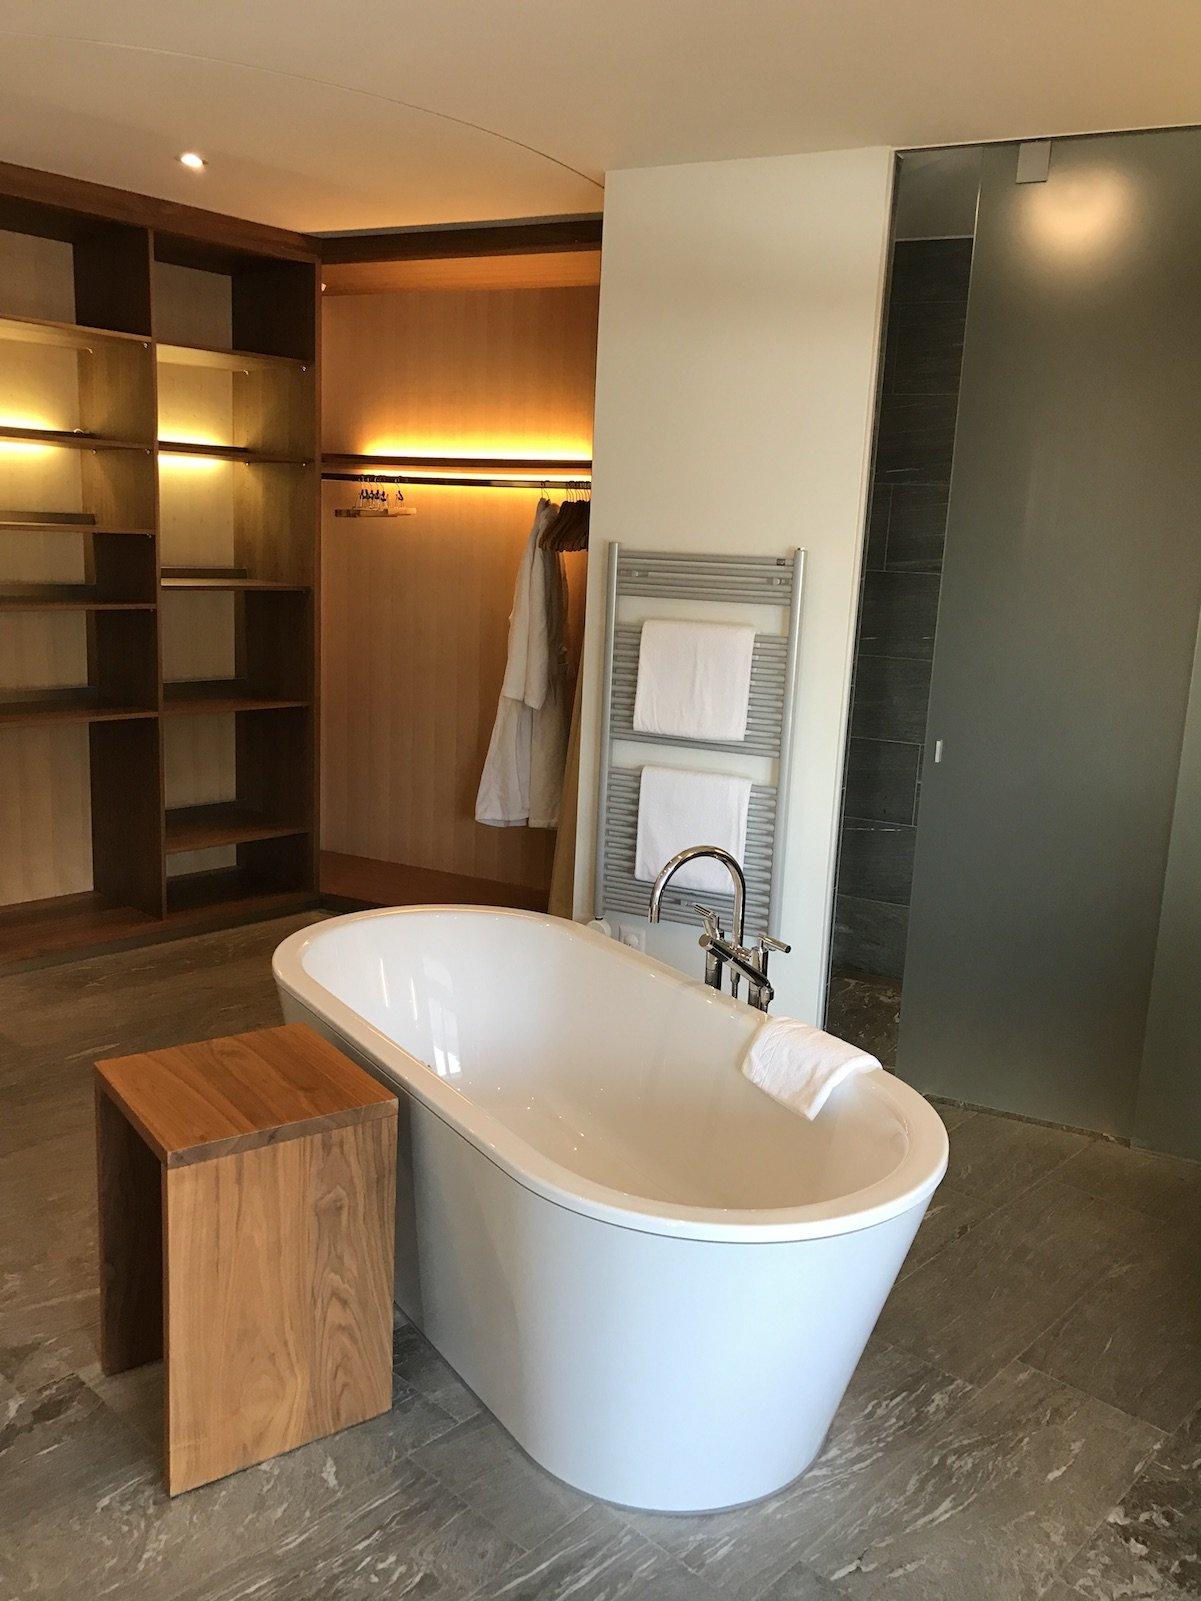 Frei stehende Badewanne in der Spa Suite im riesen Badezimmer